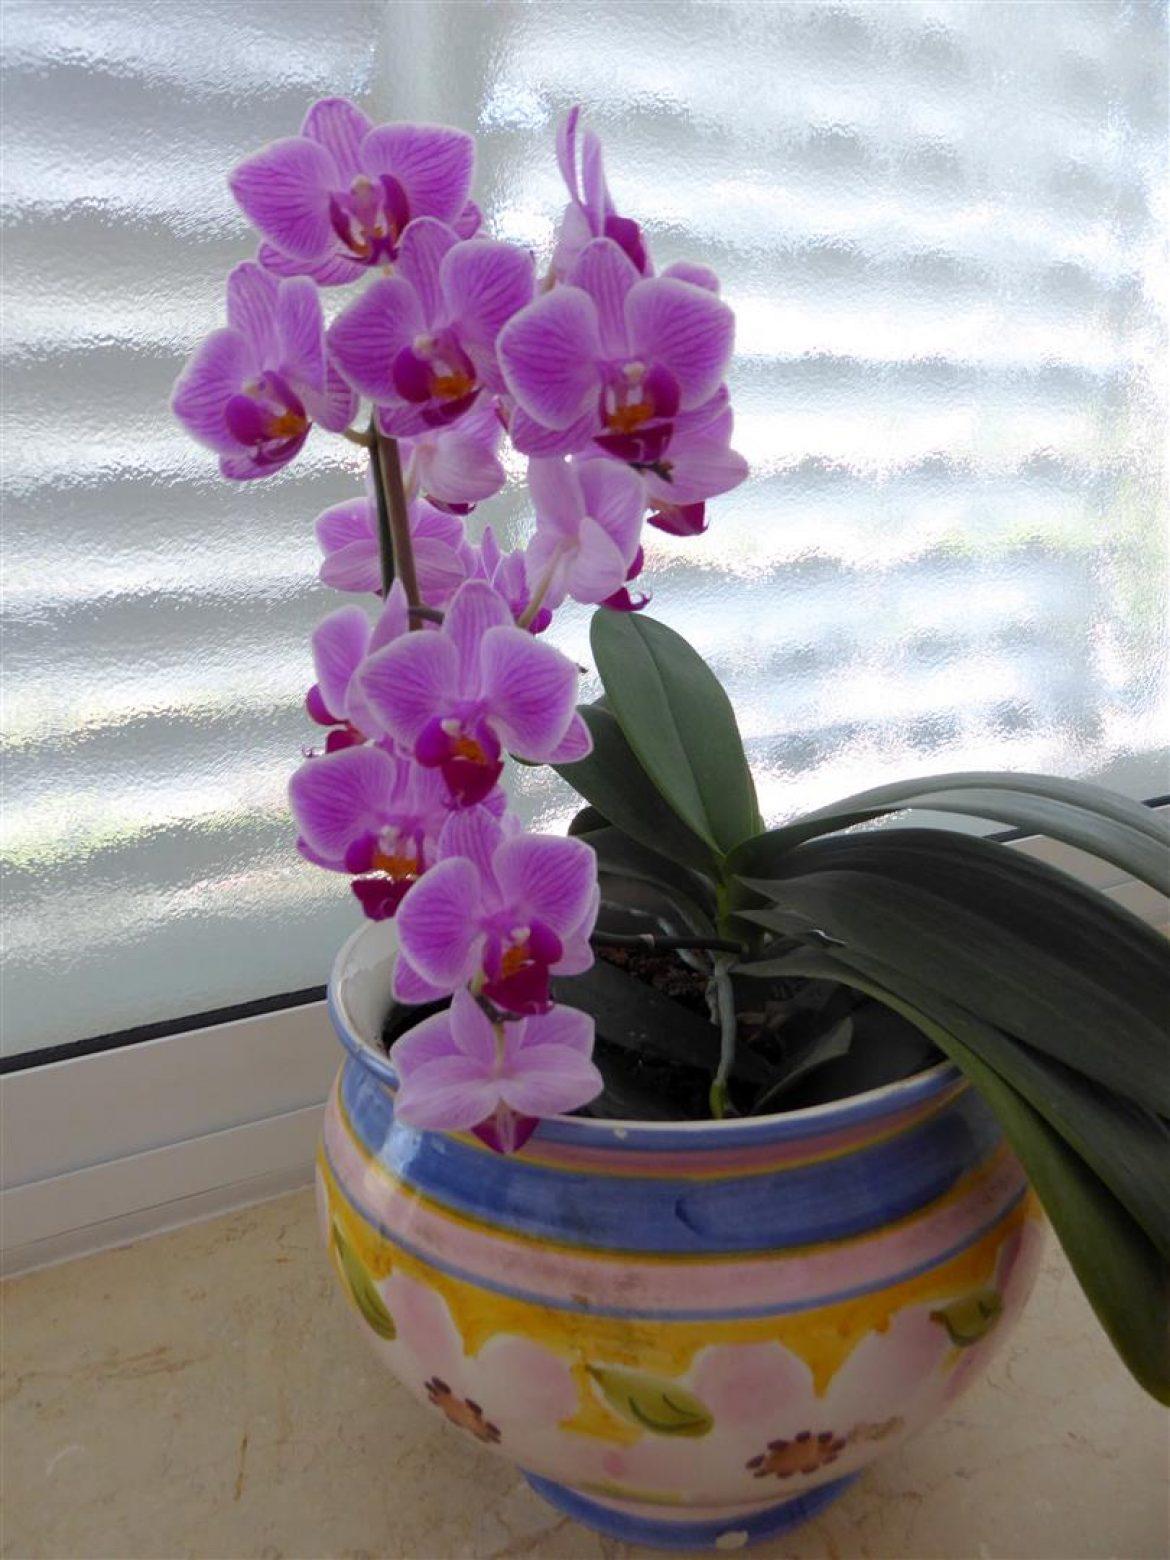 מעקב אחר פריחתם של פרחי הסחלב שלי – שימוש חוזר גם מפרחי הסחלבים